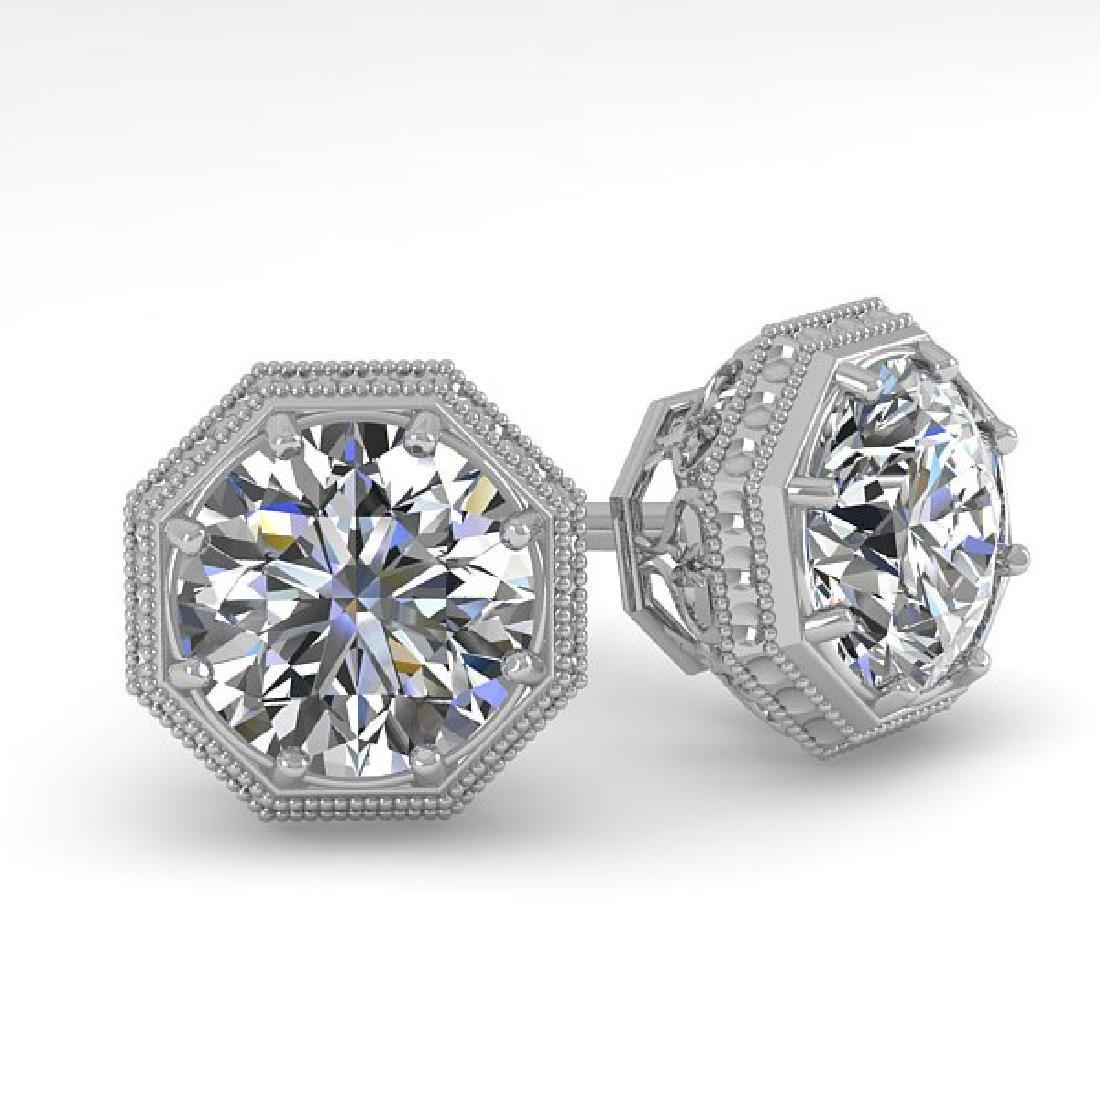 1.05 CTW Certified VS/SI Diamond Stud Earrings 14K